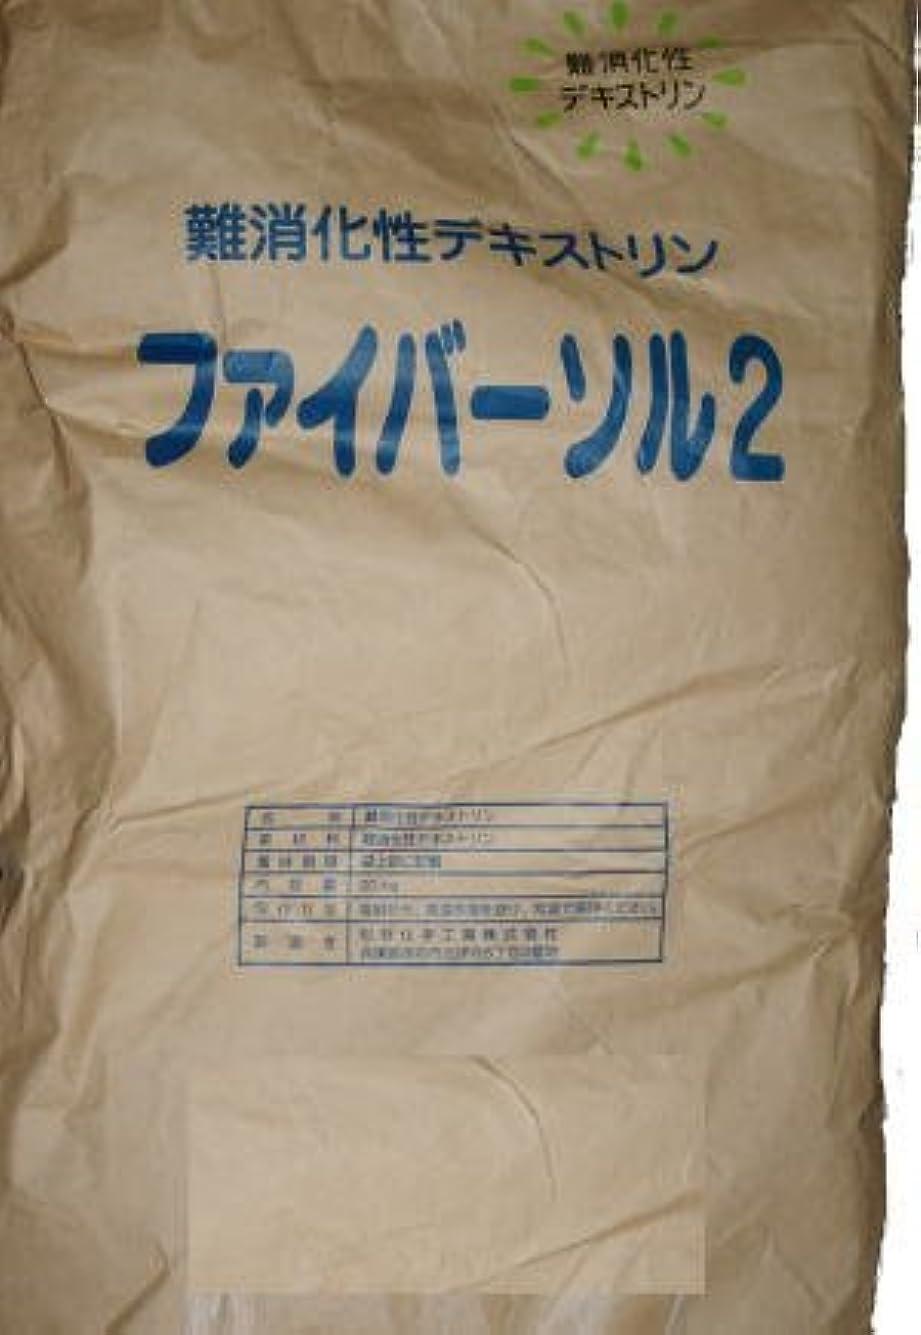 ドライバ以下徐々に難消化性デキストリン(水溶性食物繊維)20kg